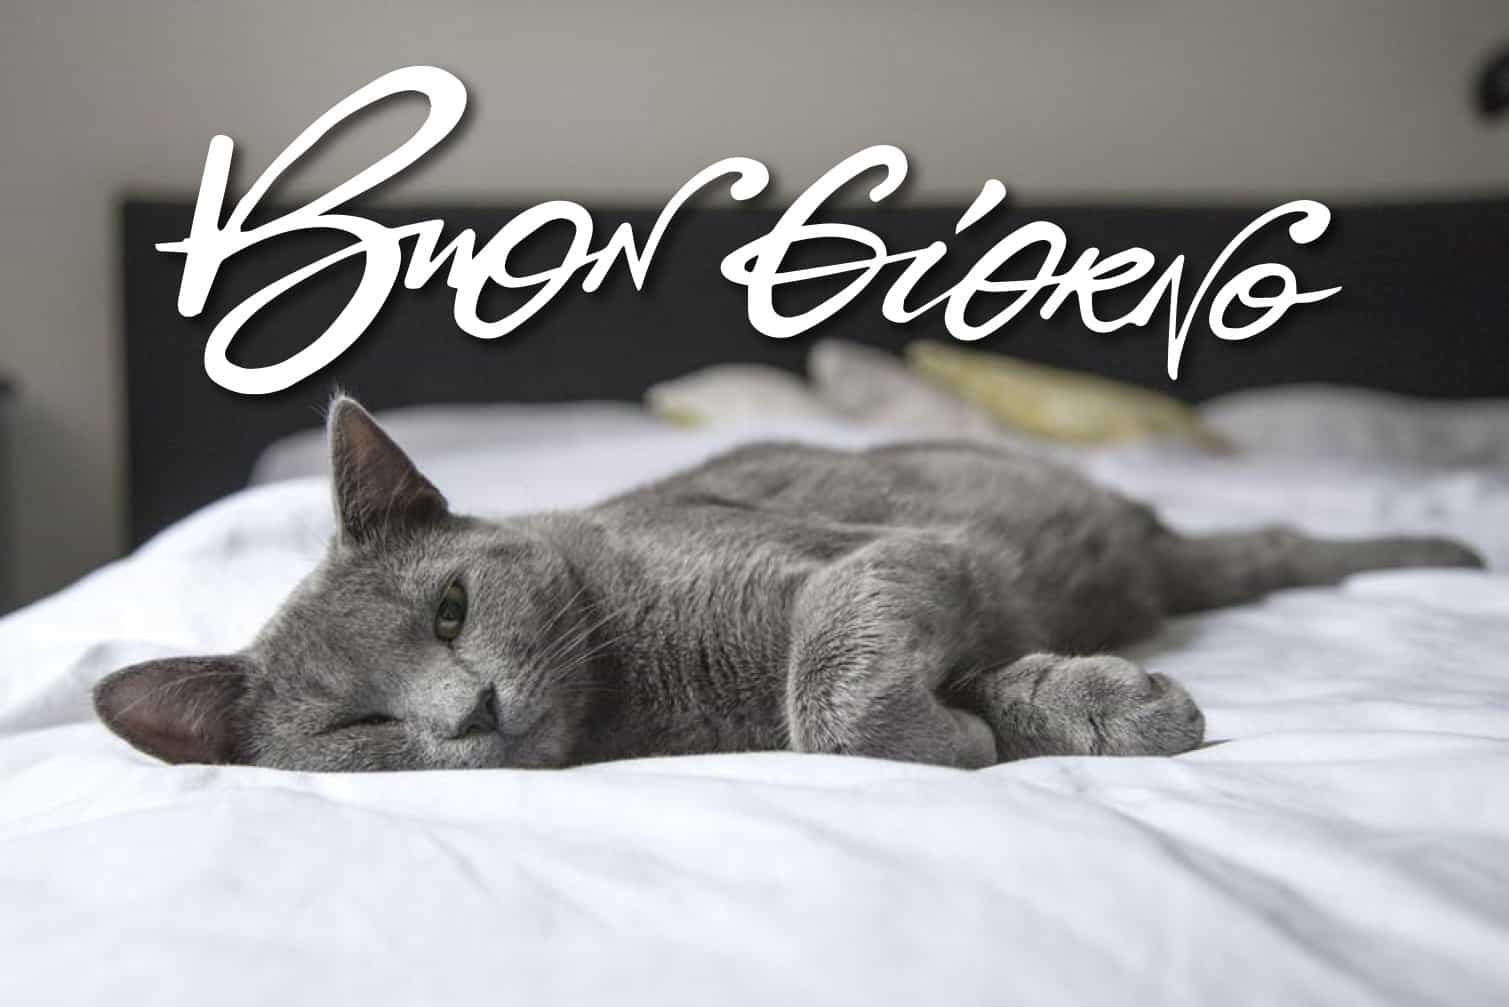 Immagini di buongiorno con gli animali - foto con il gatto